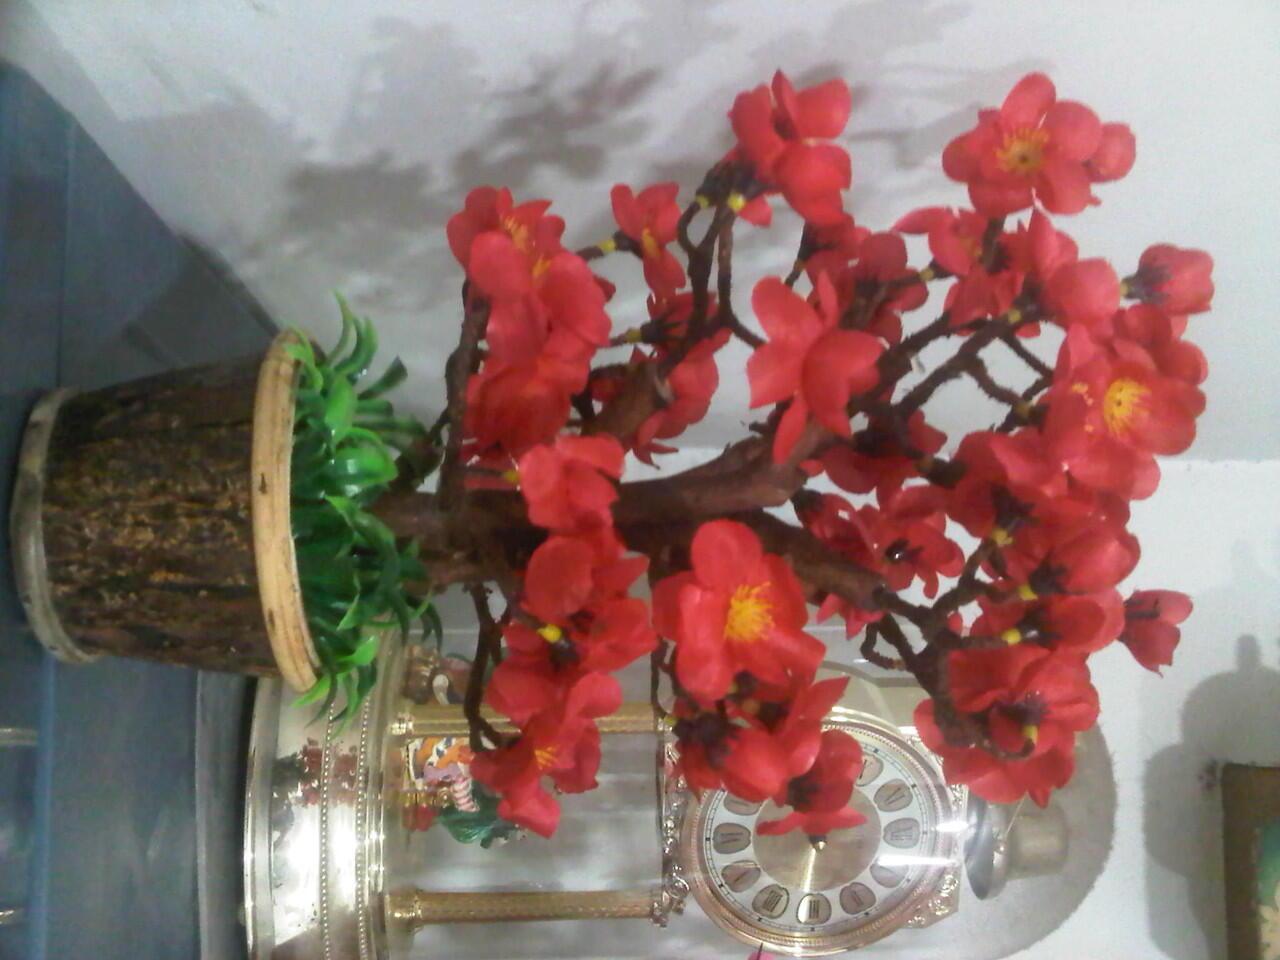 Terjual Pot Hias Ruangan Khusus Bunga Sakura Untuk Imlek Murah Dan Temukan Plastik  Artificial Pagar Kecil 9ef9349ac4